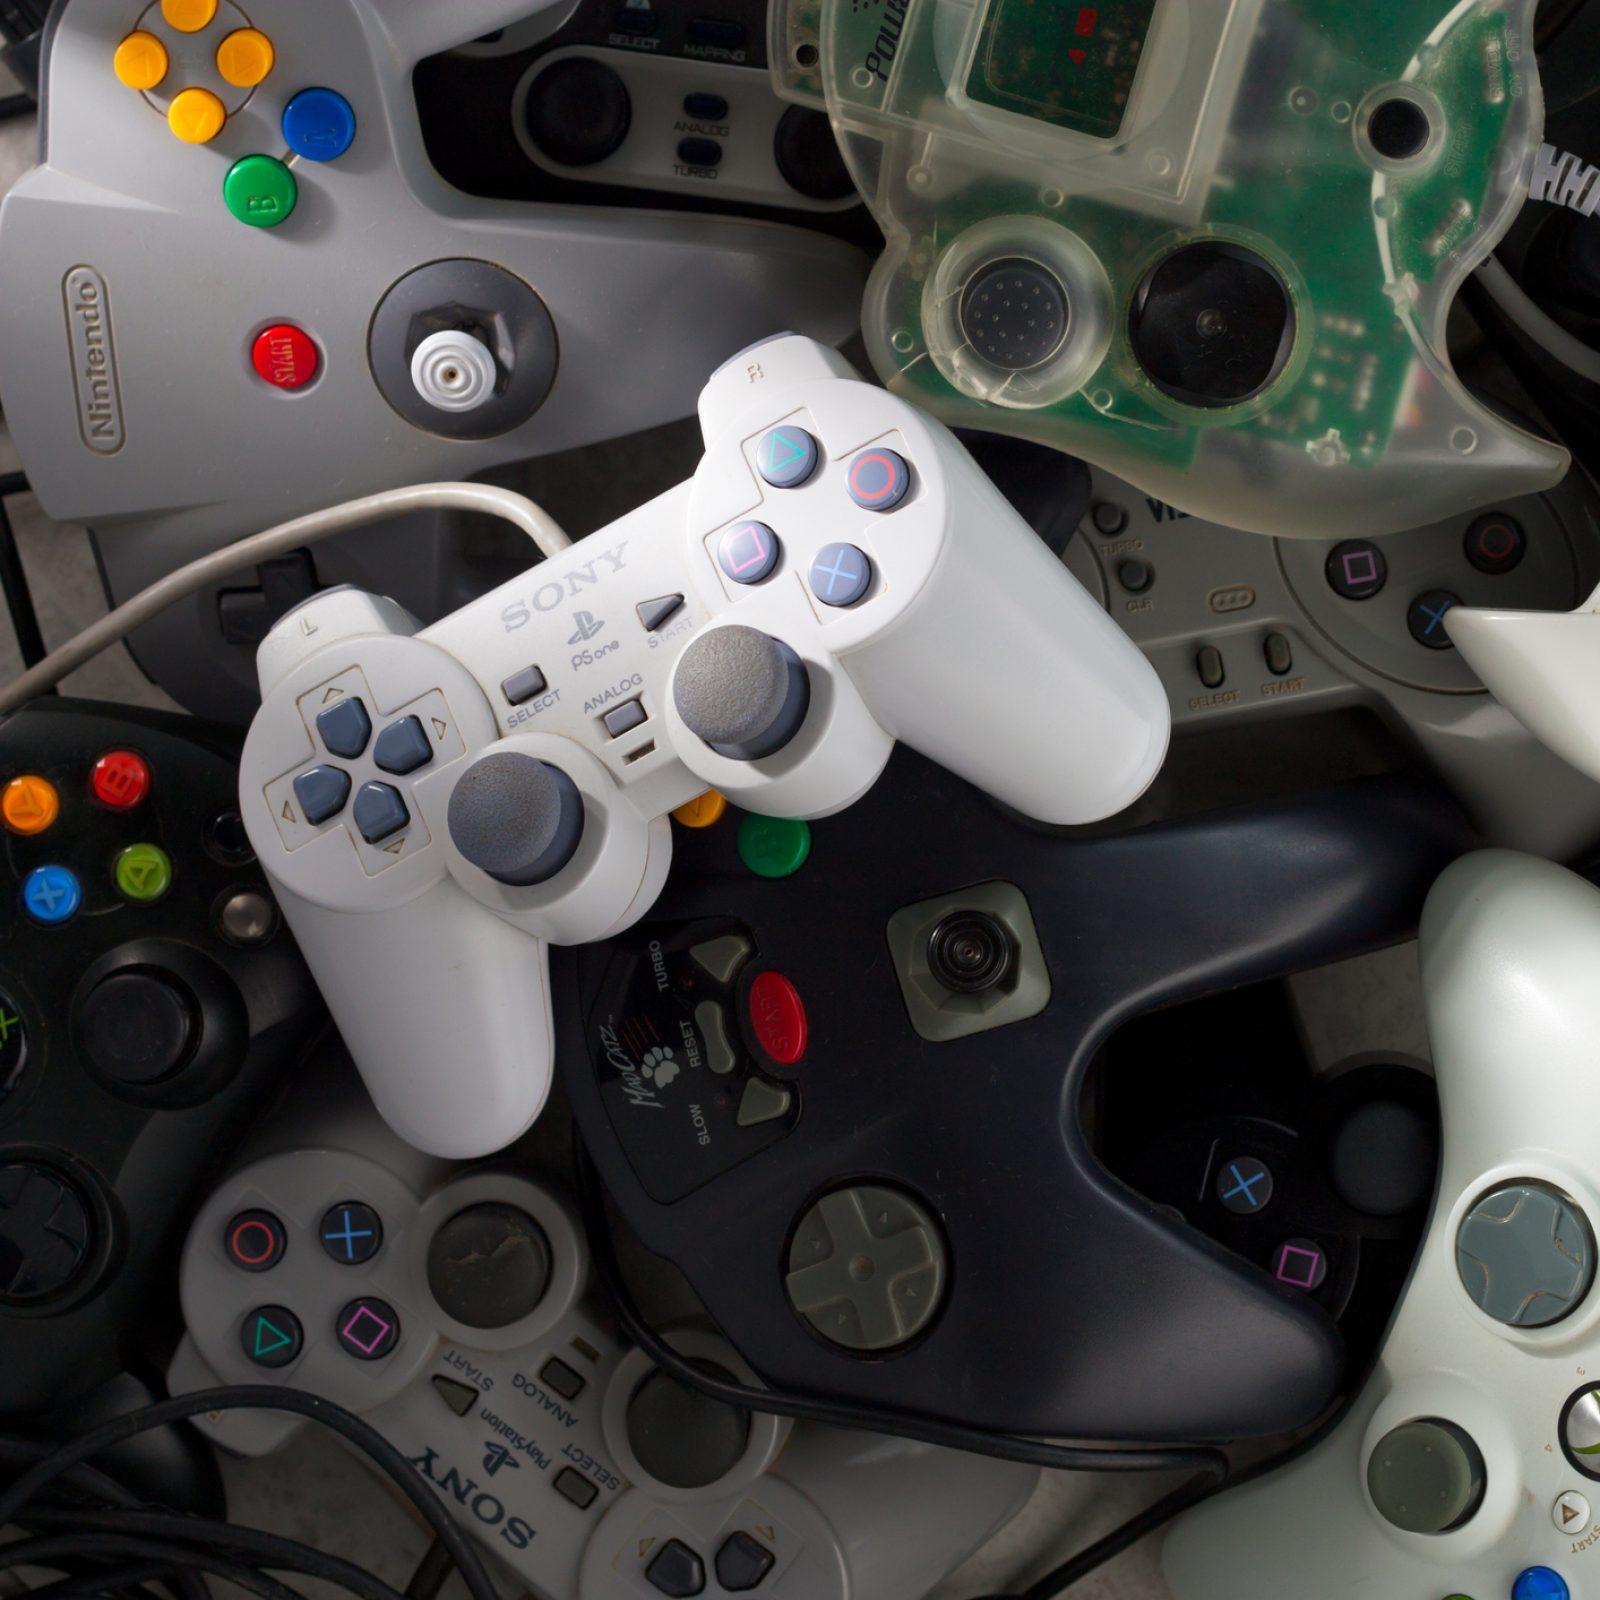 Xiox-gaming.de